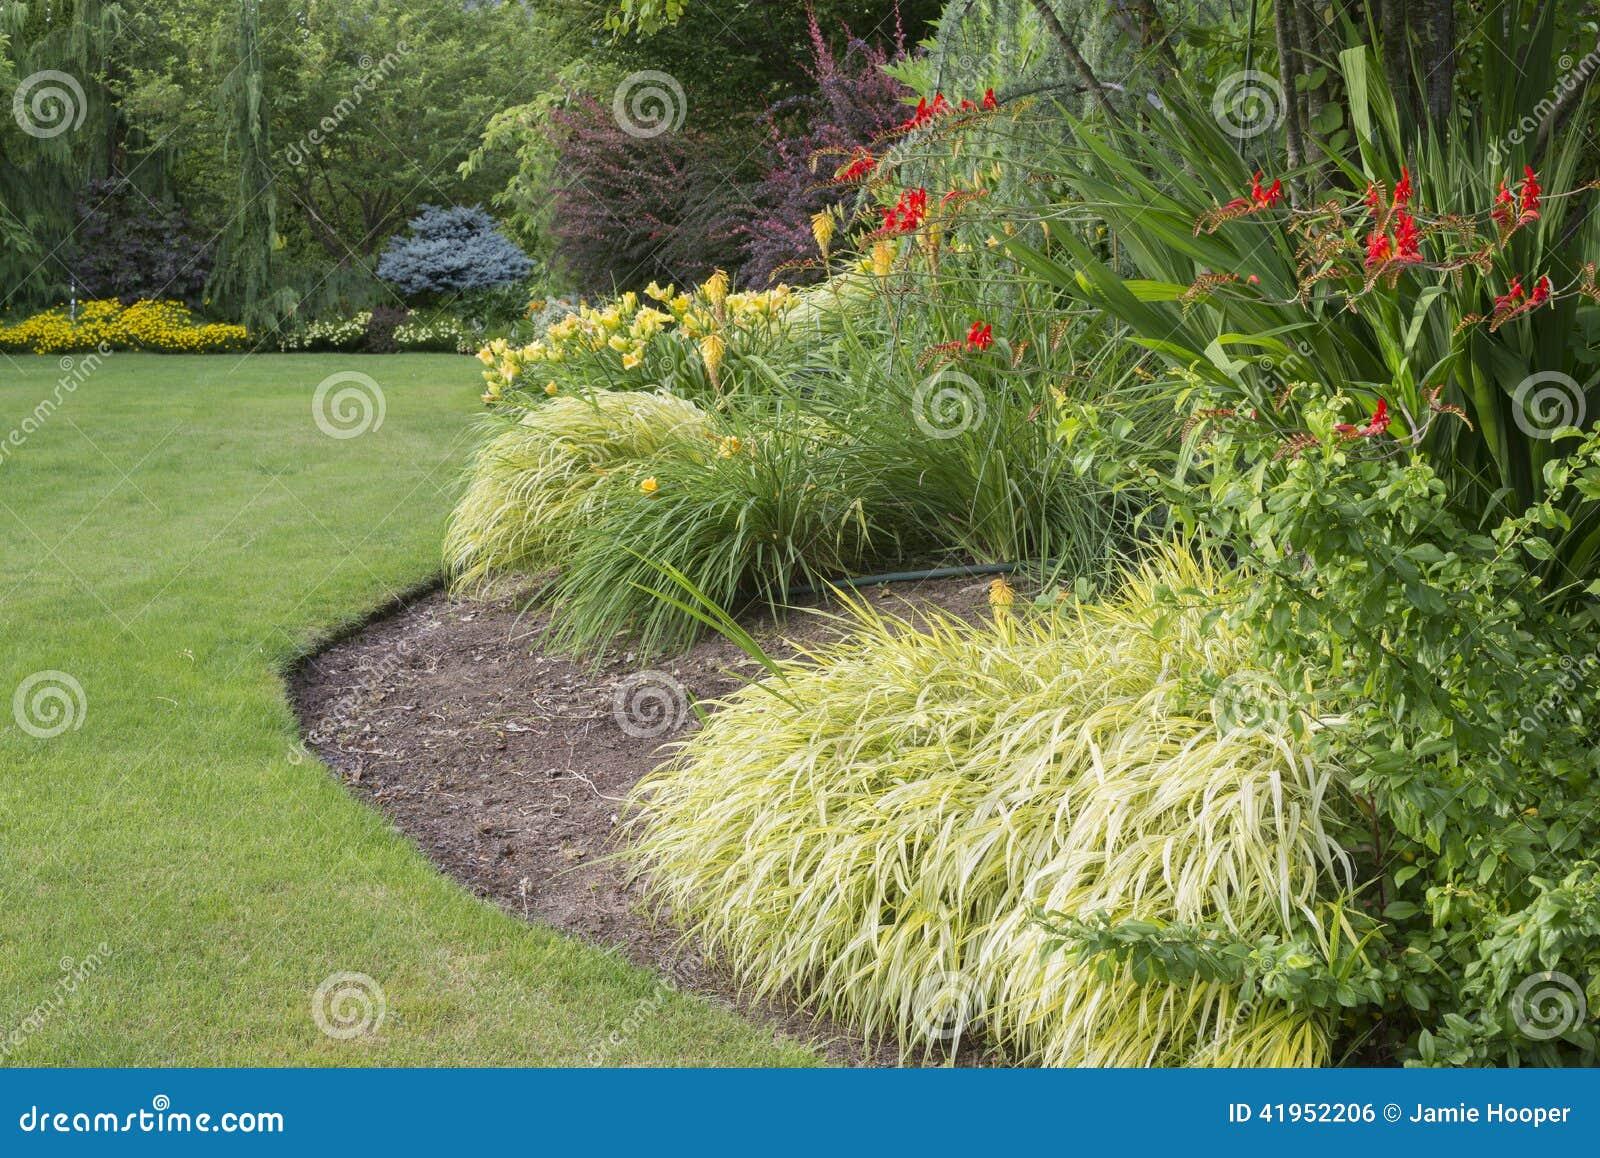 Cudowny ogród